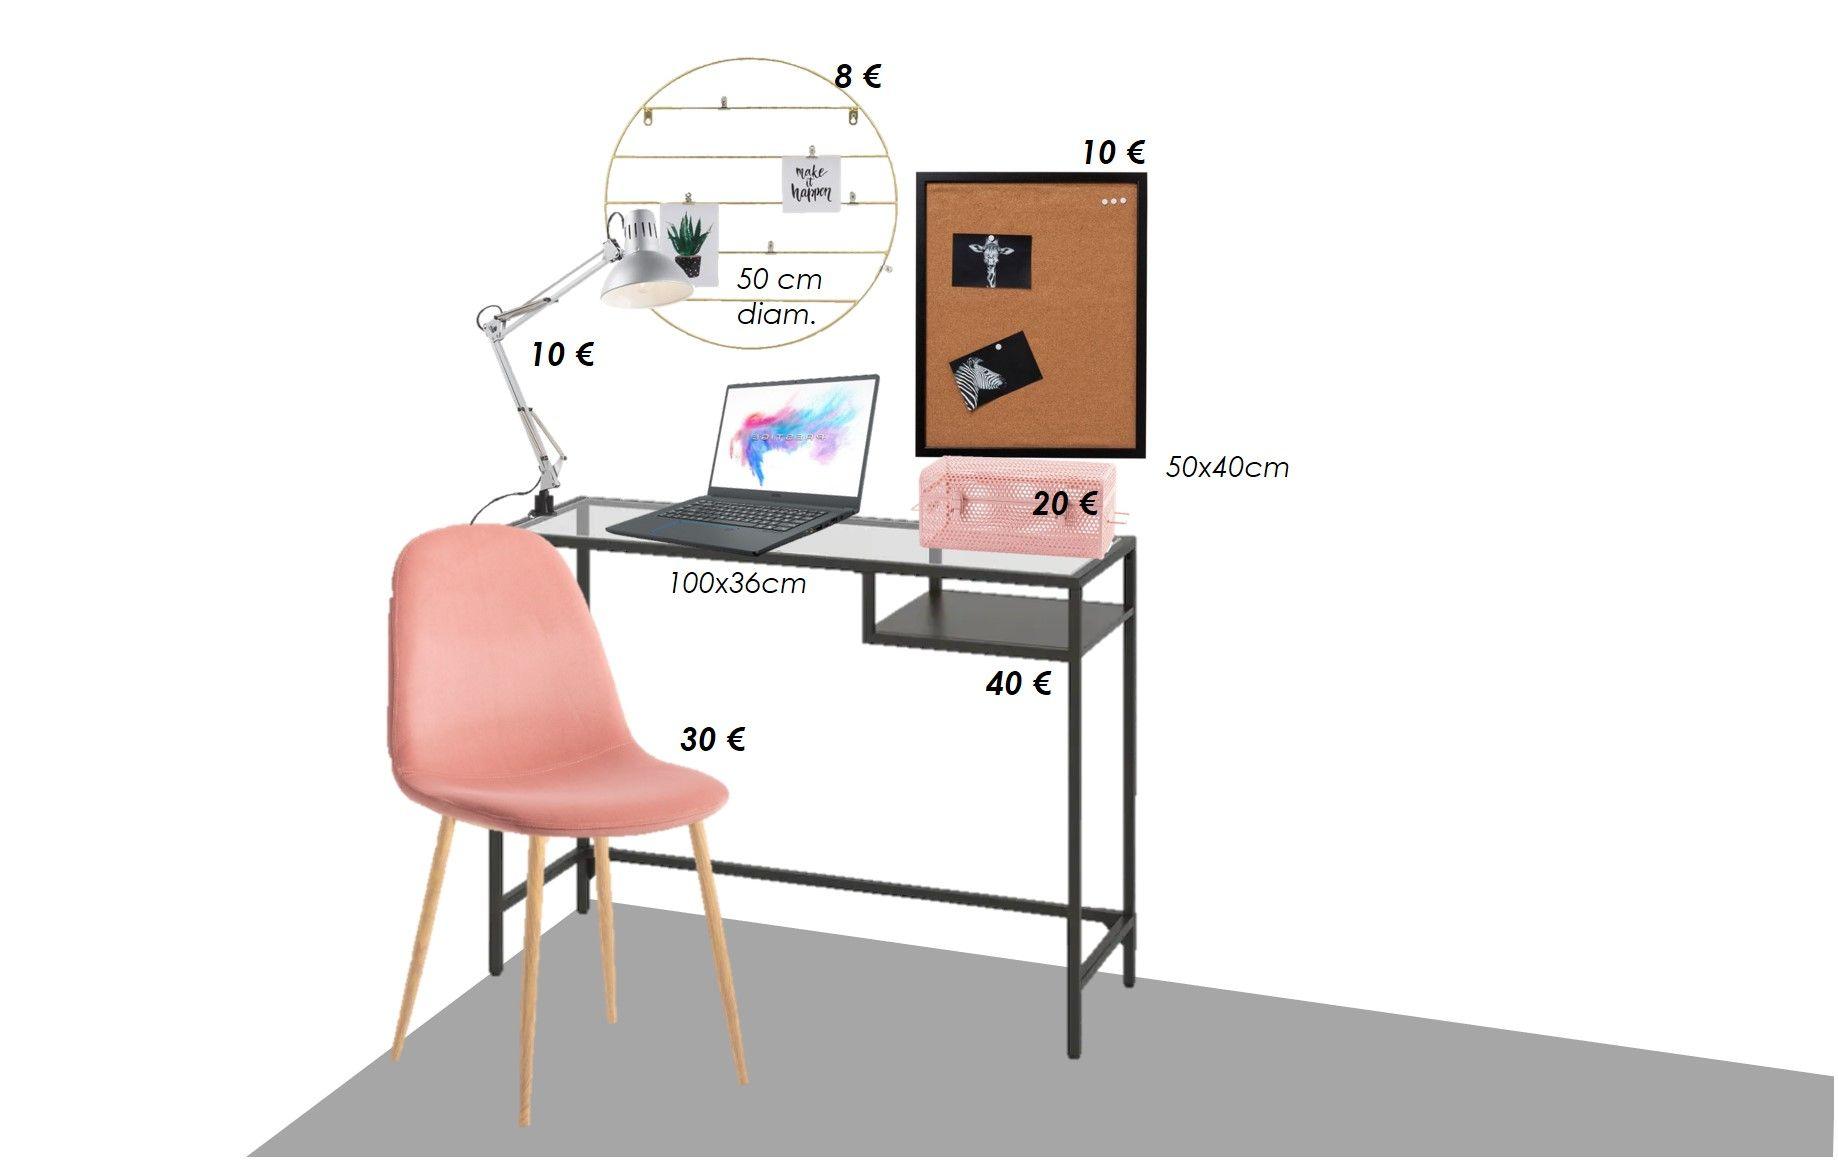 monta tu oficina en casa 7